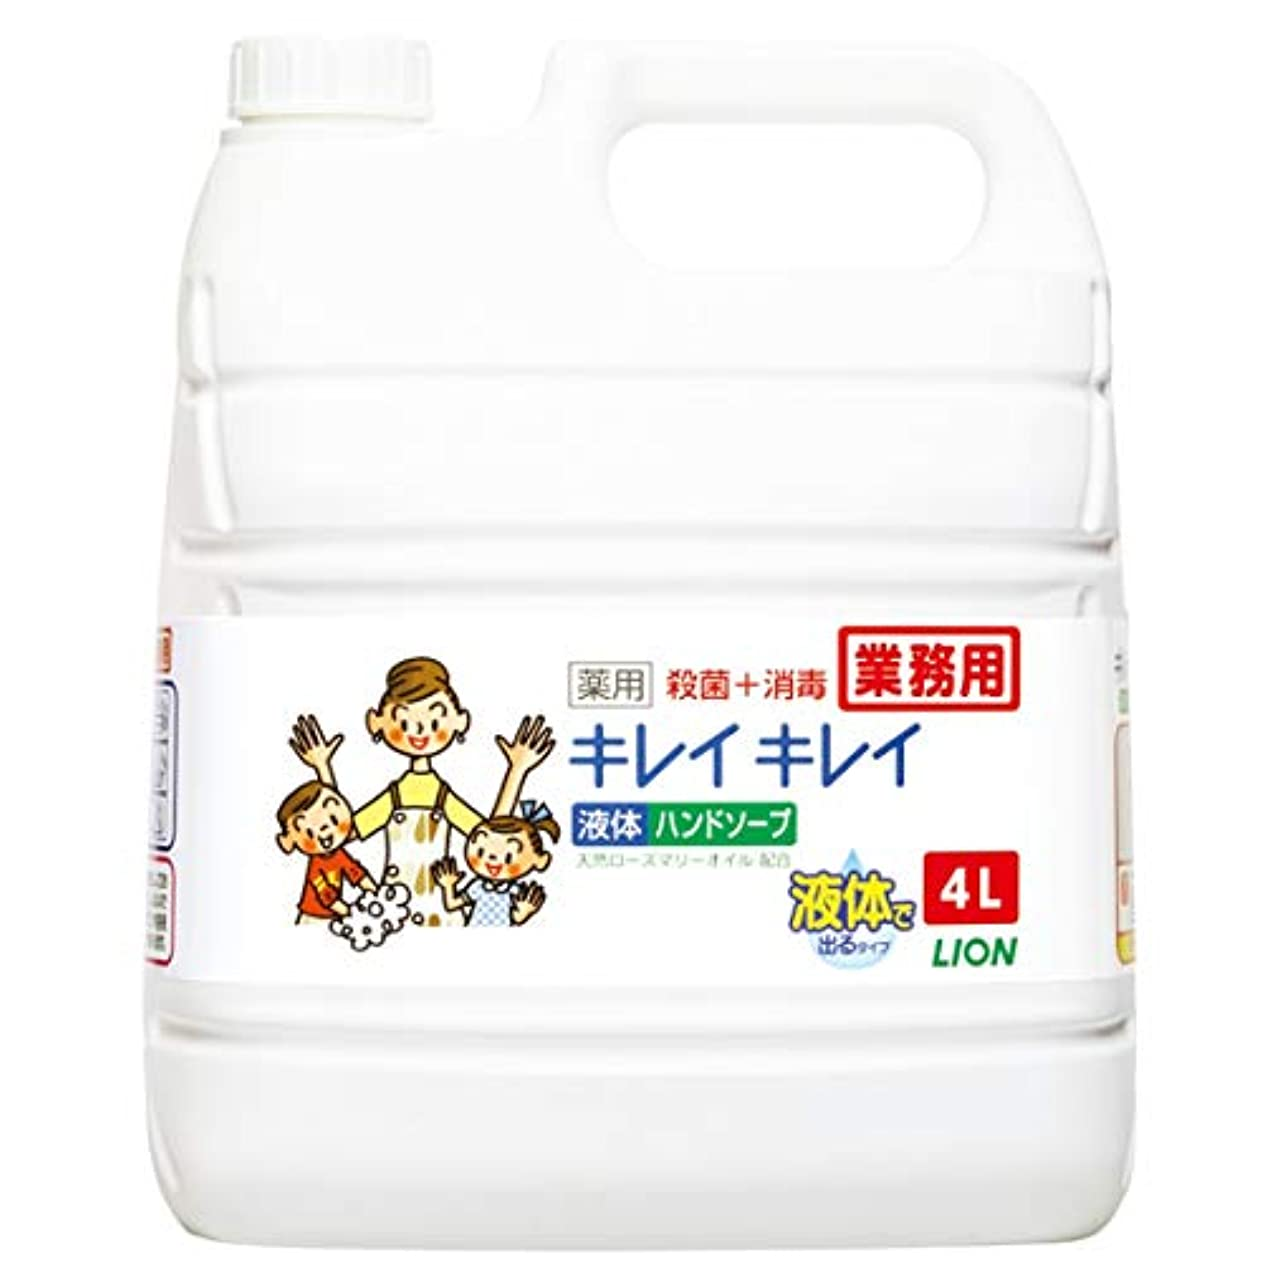 謝るハックターミナル【業務用 大容量】キレイキレイ 薬用 ハンドソープ  4L(医薬部外品)